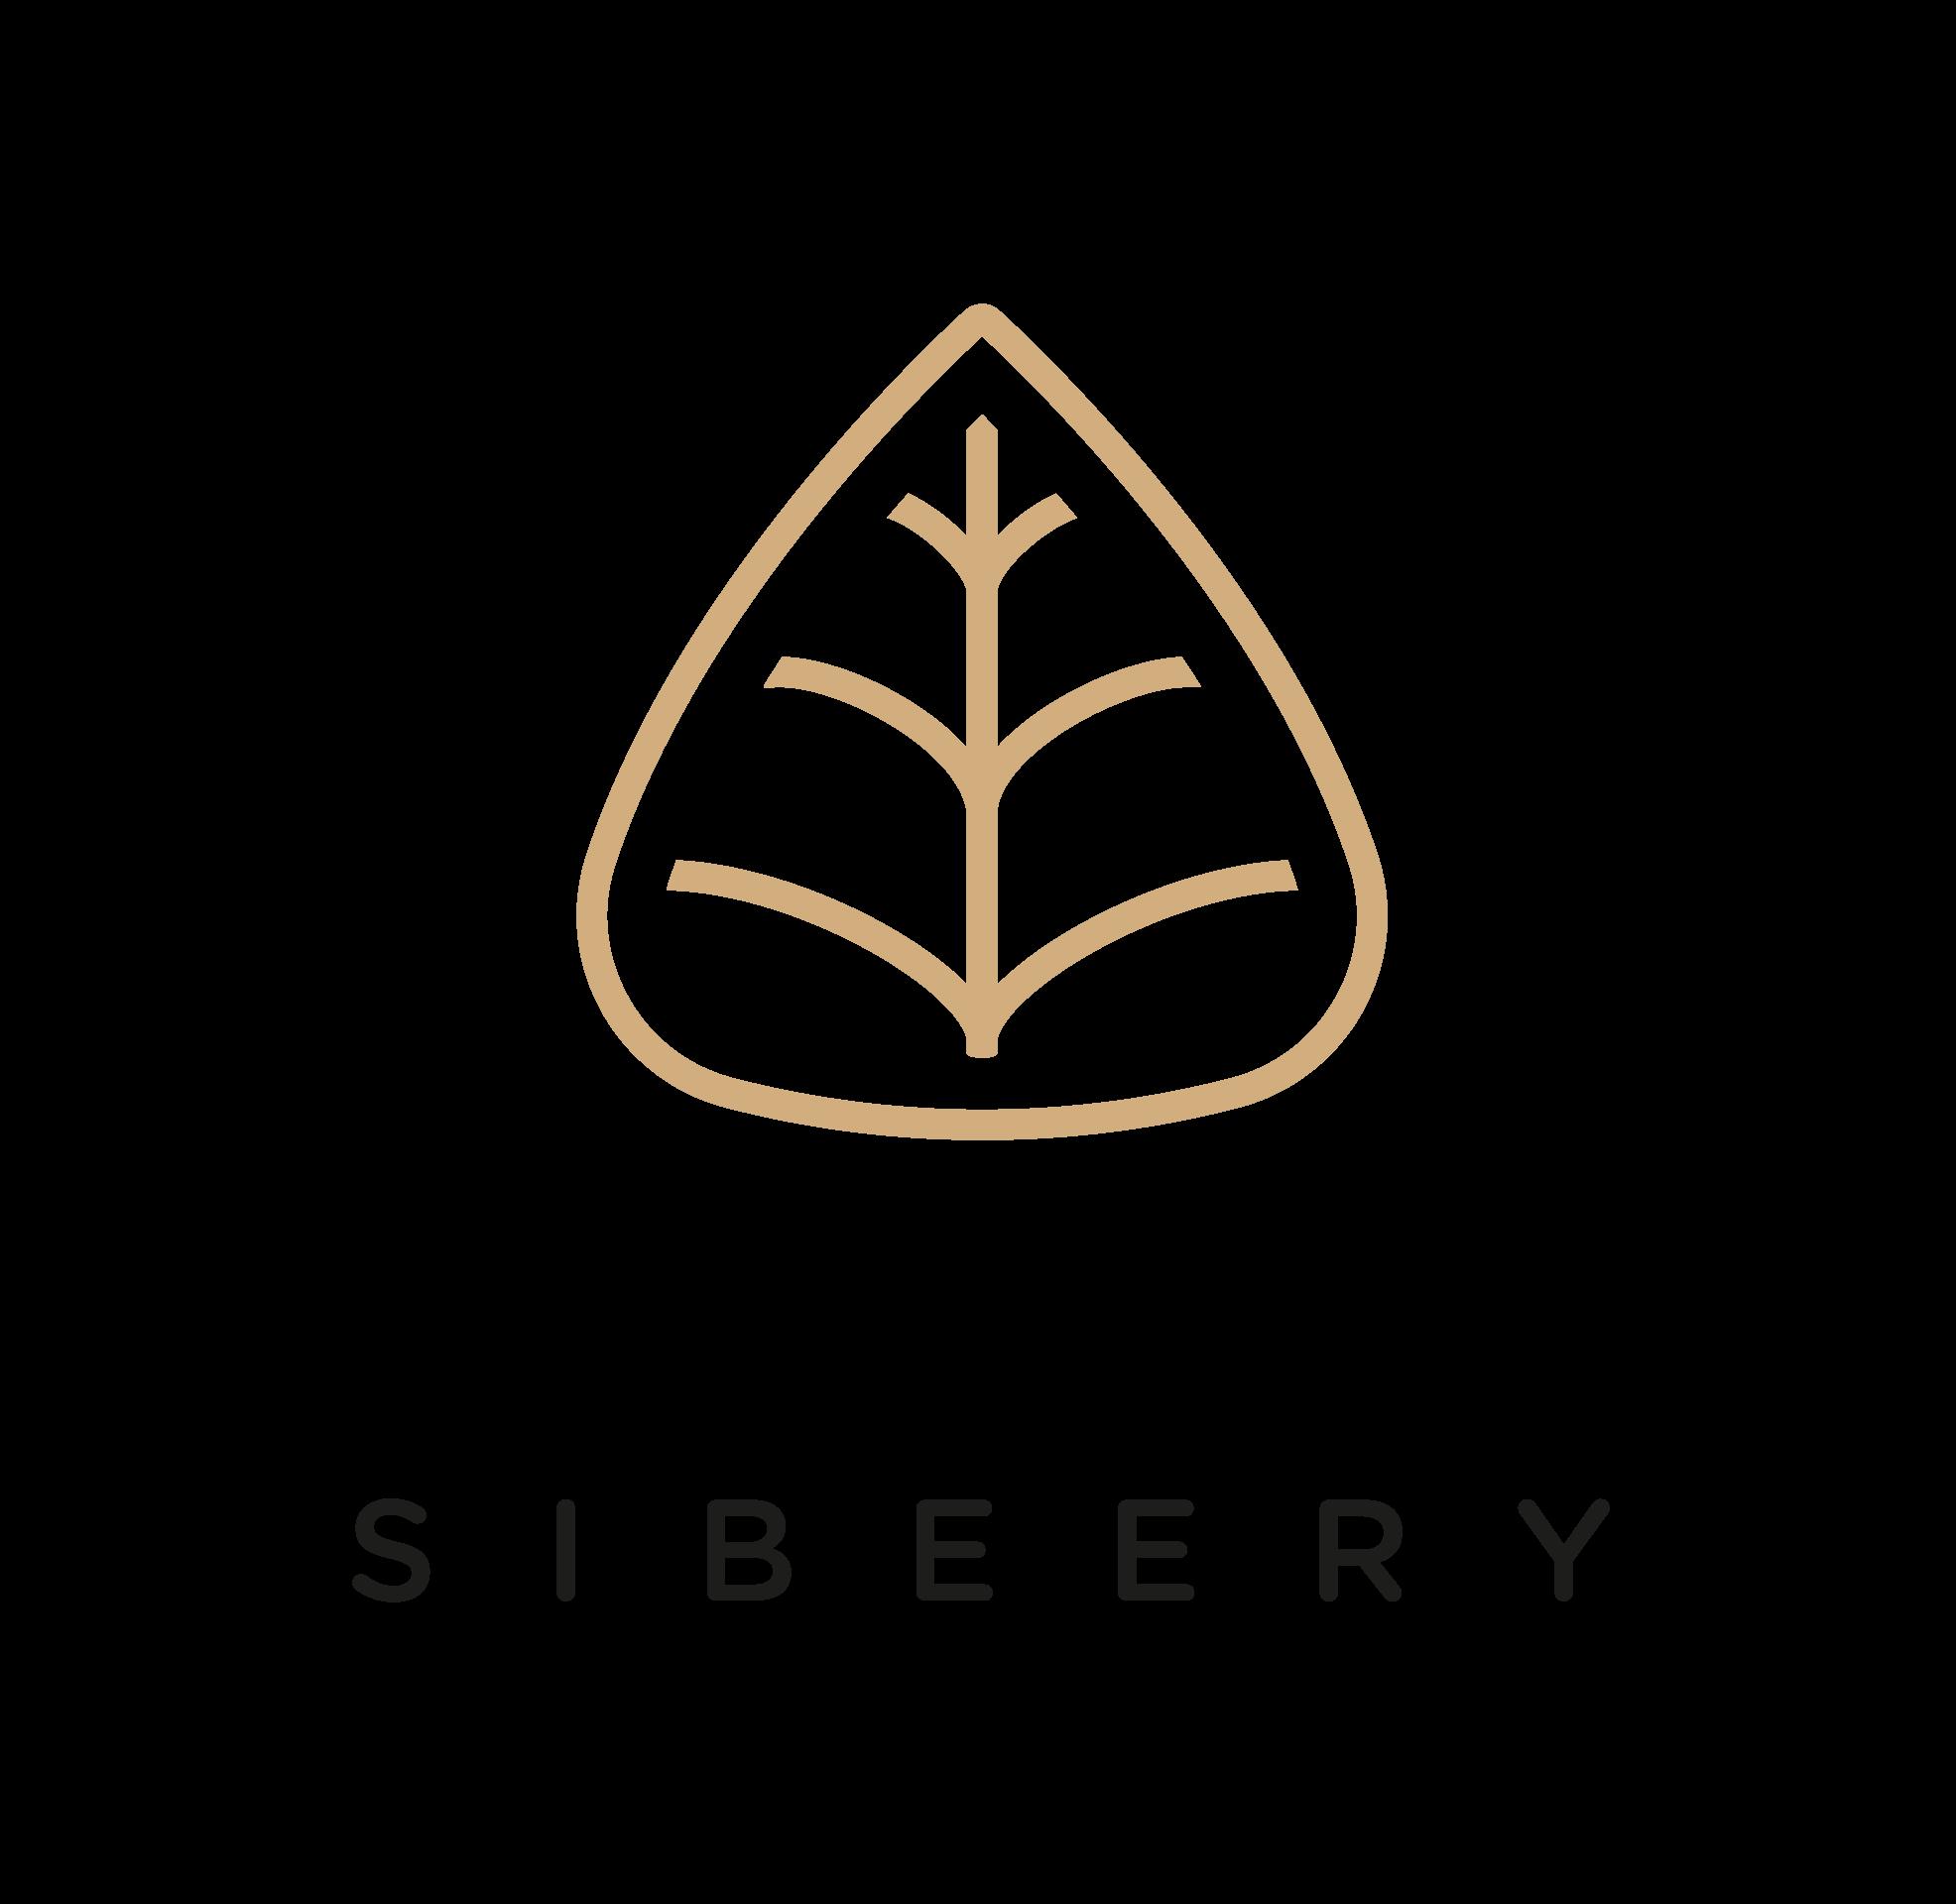 Sibeery Logo